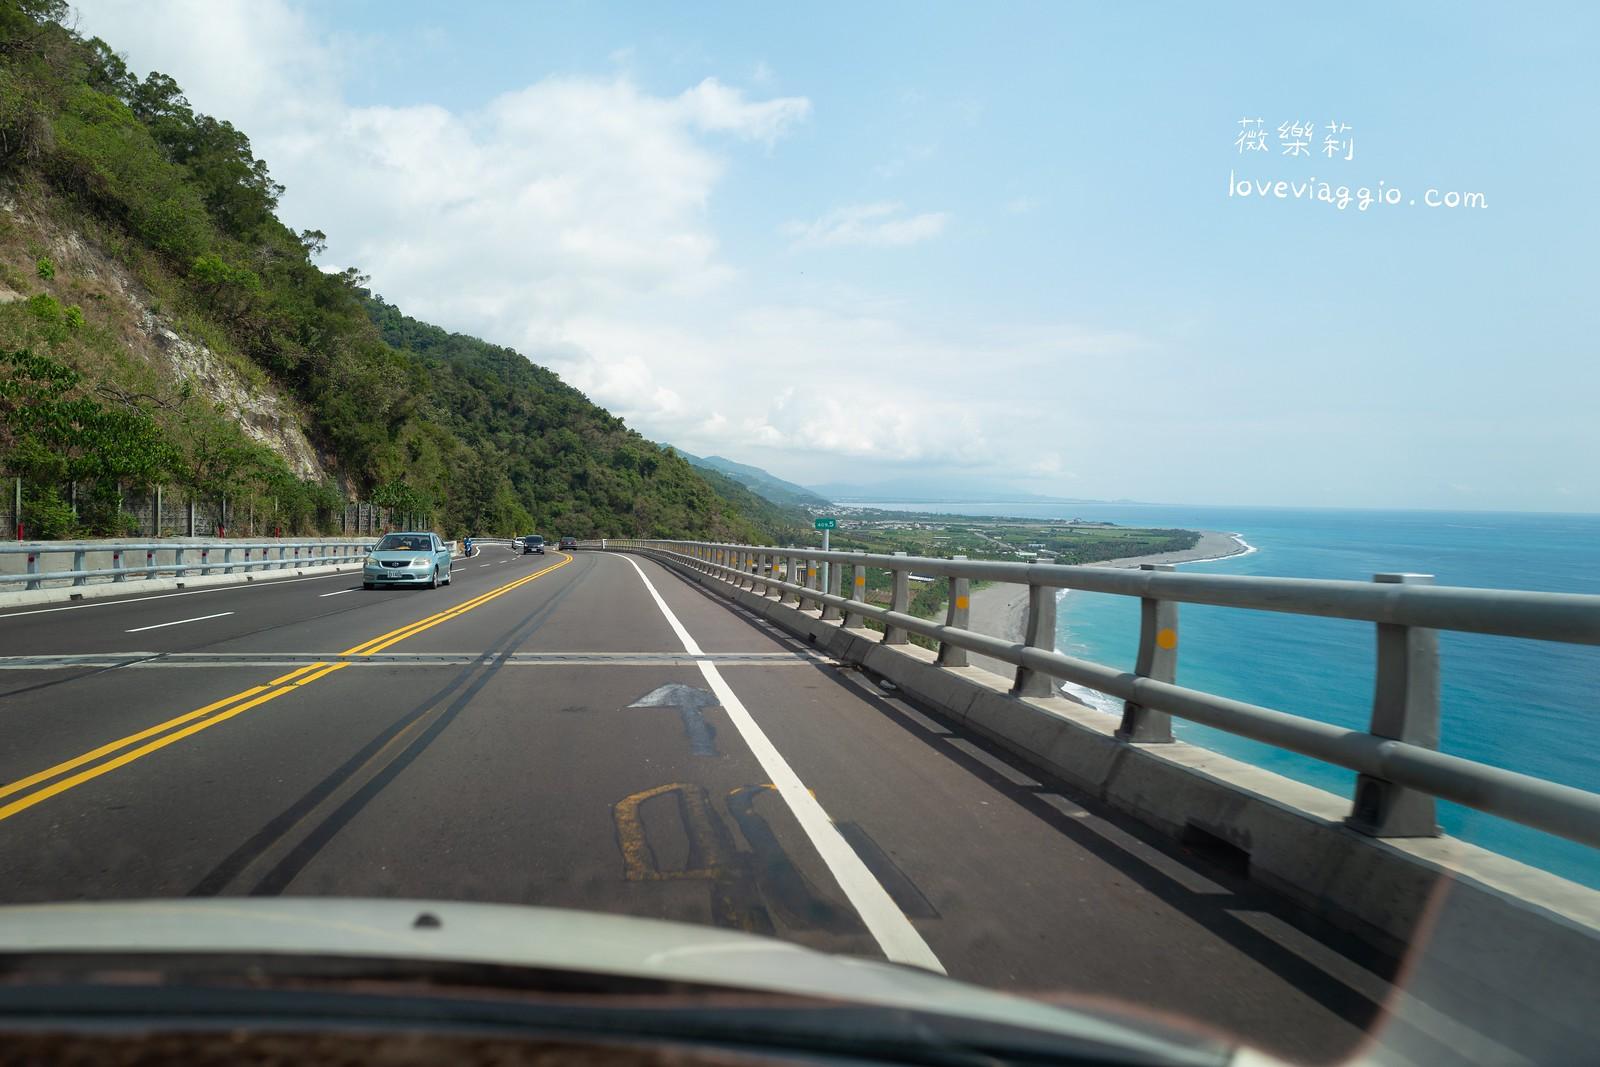 【台東 Taitung】風和日麗新南迴公路慢旅行×11個台東海岸景點分享 @薇樂莉 Love Viaggio | 旅行.生活.攝影